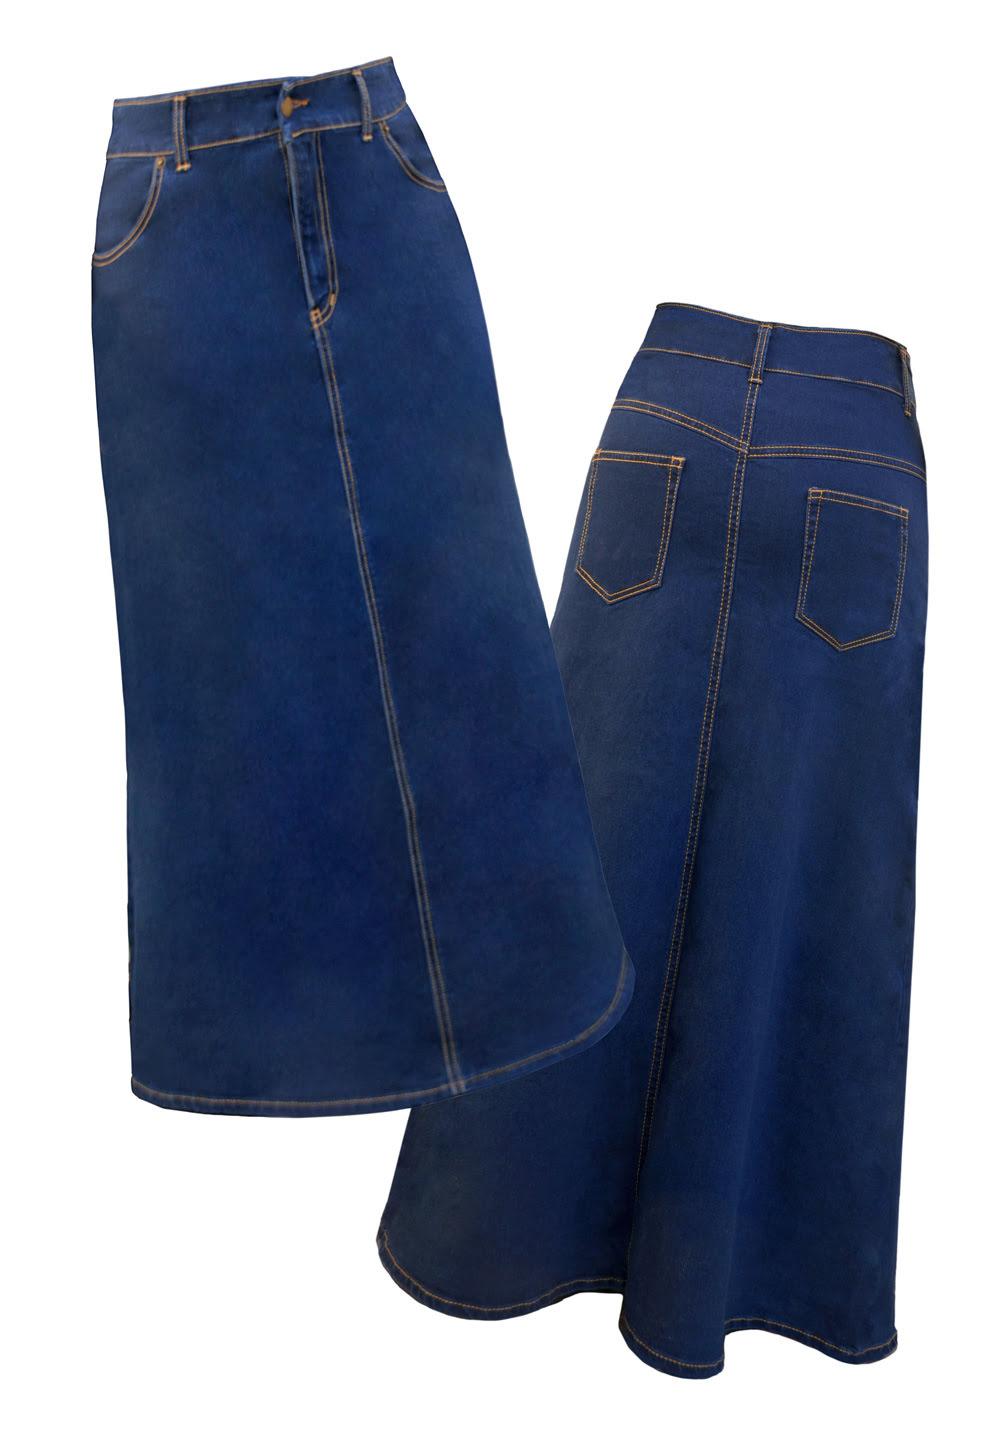 Long Denim Skirts for Women - Womens Long Jean Skirts